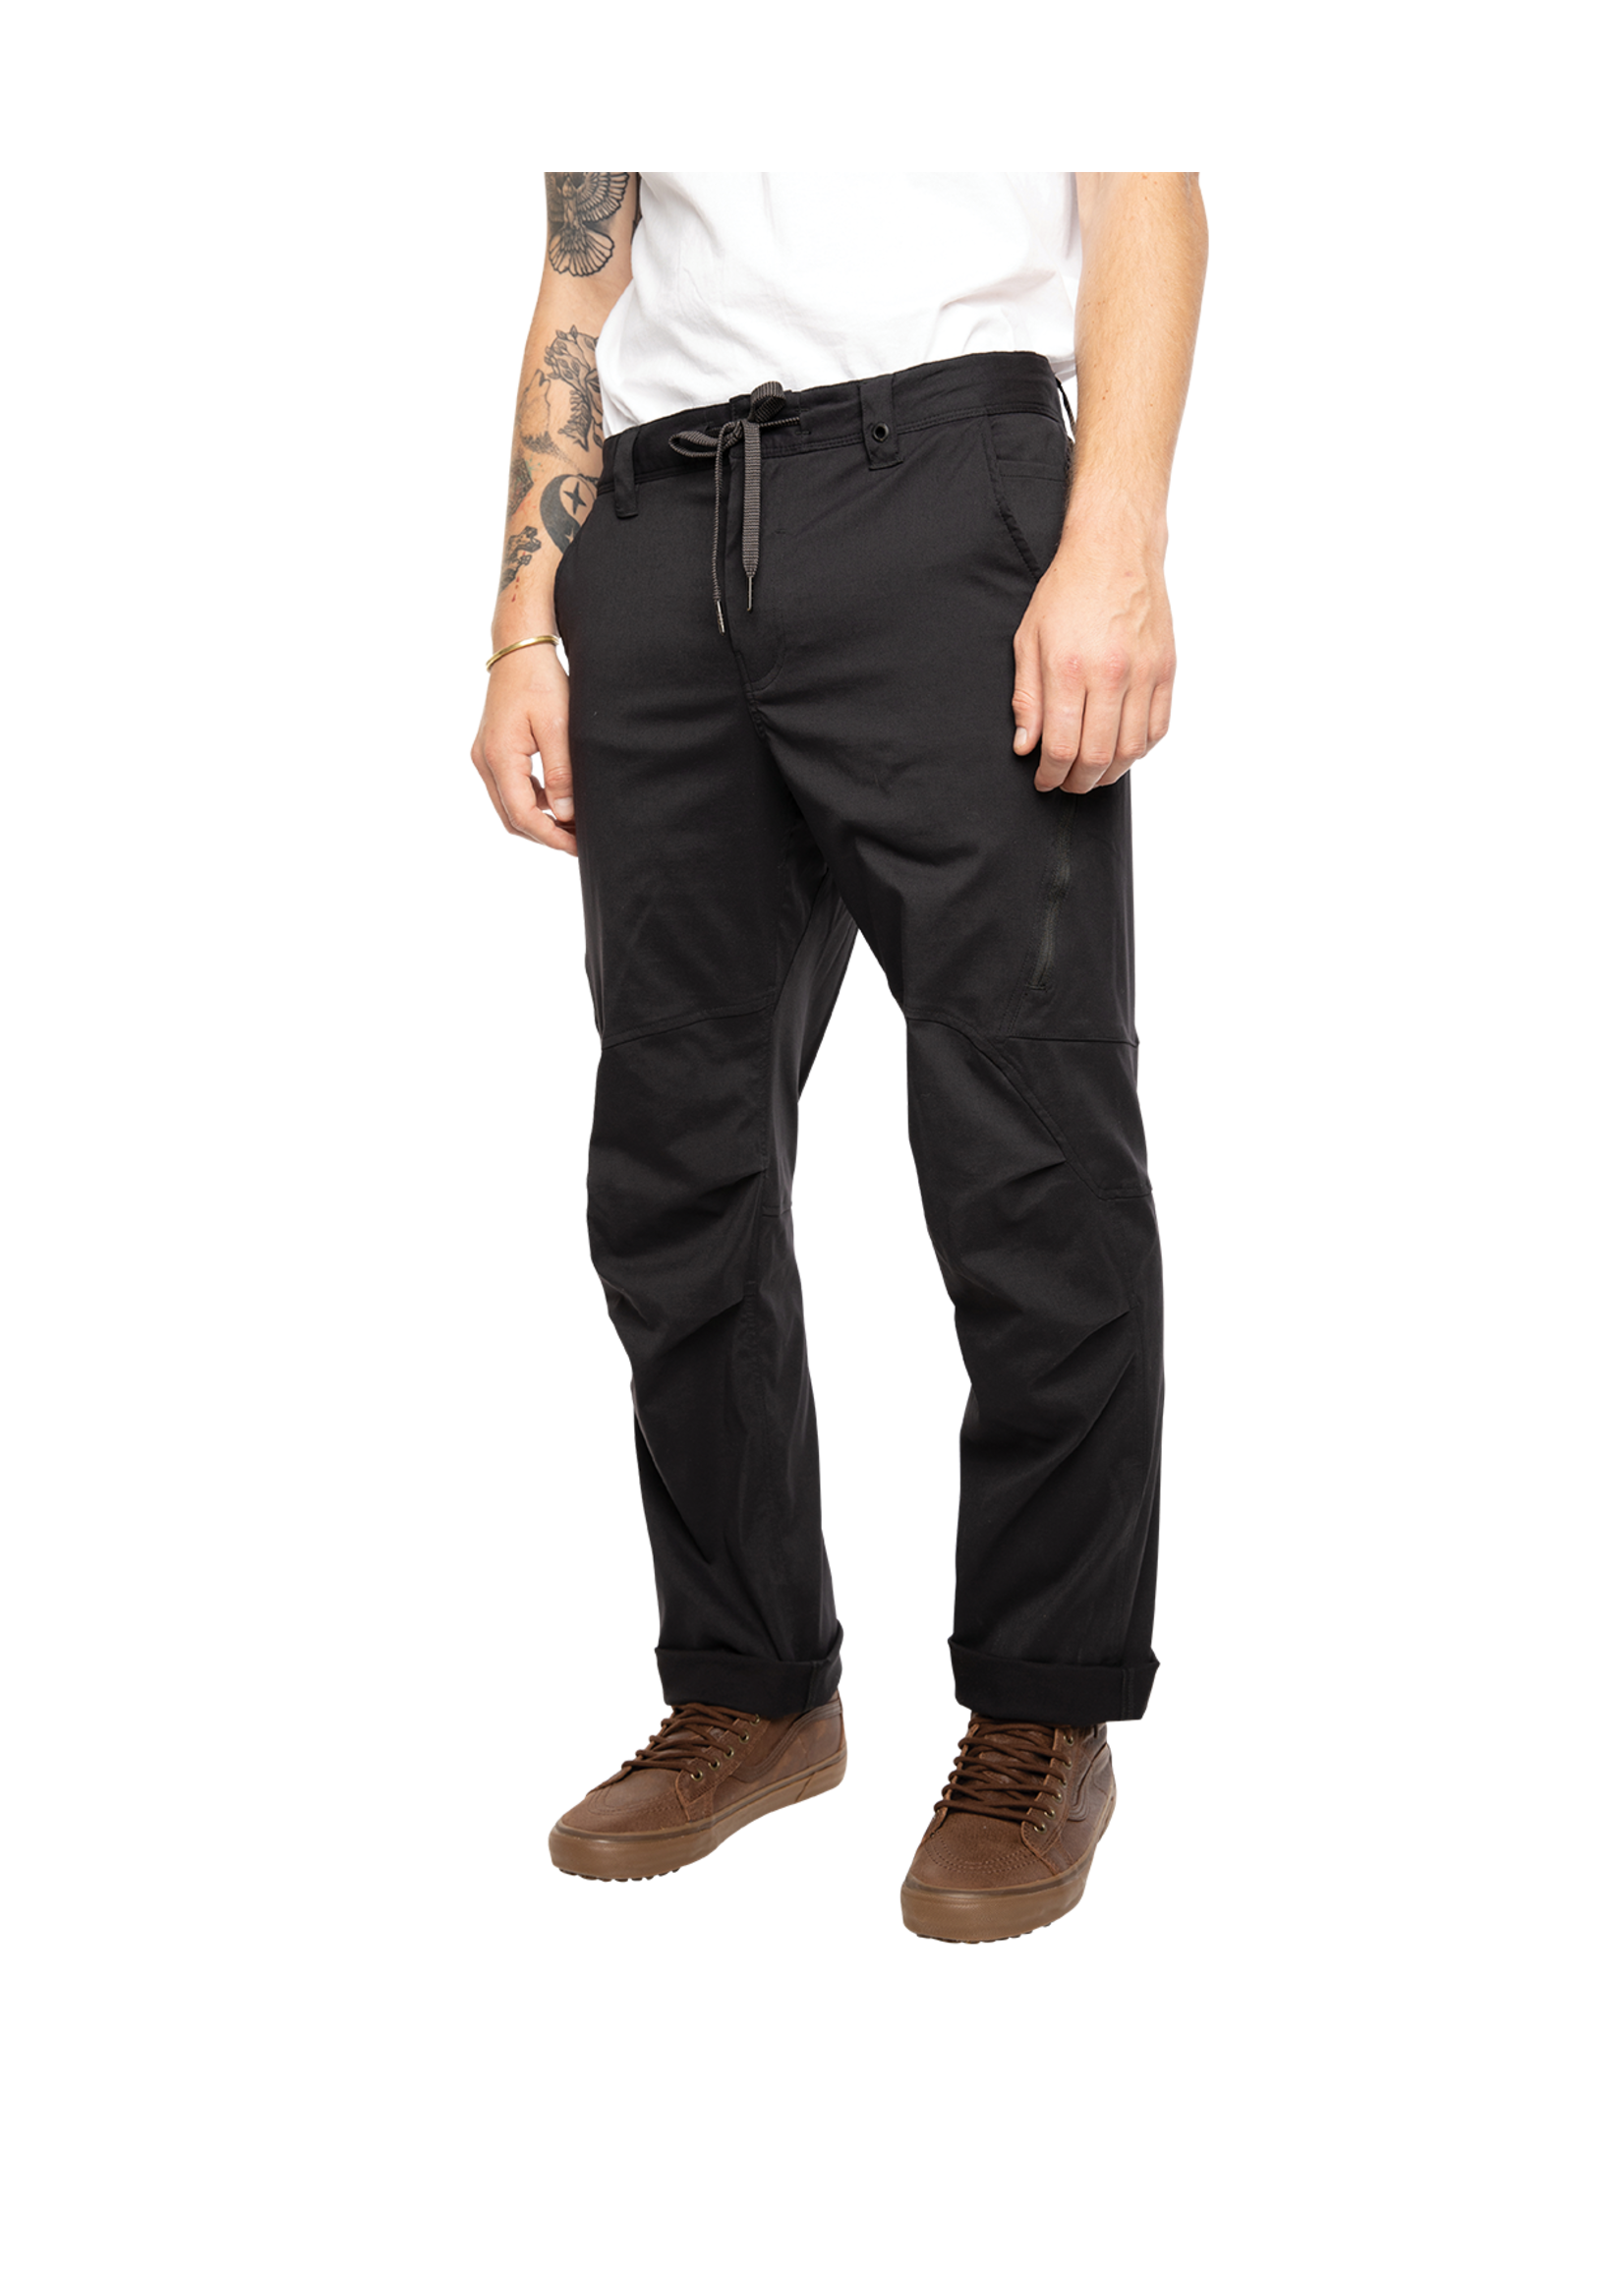 686 Anything Cargo Pant (Black)